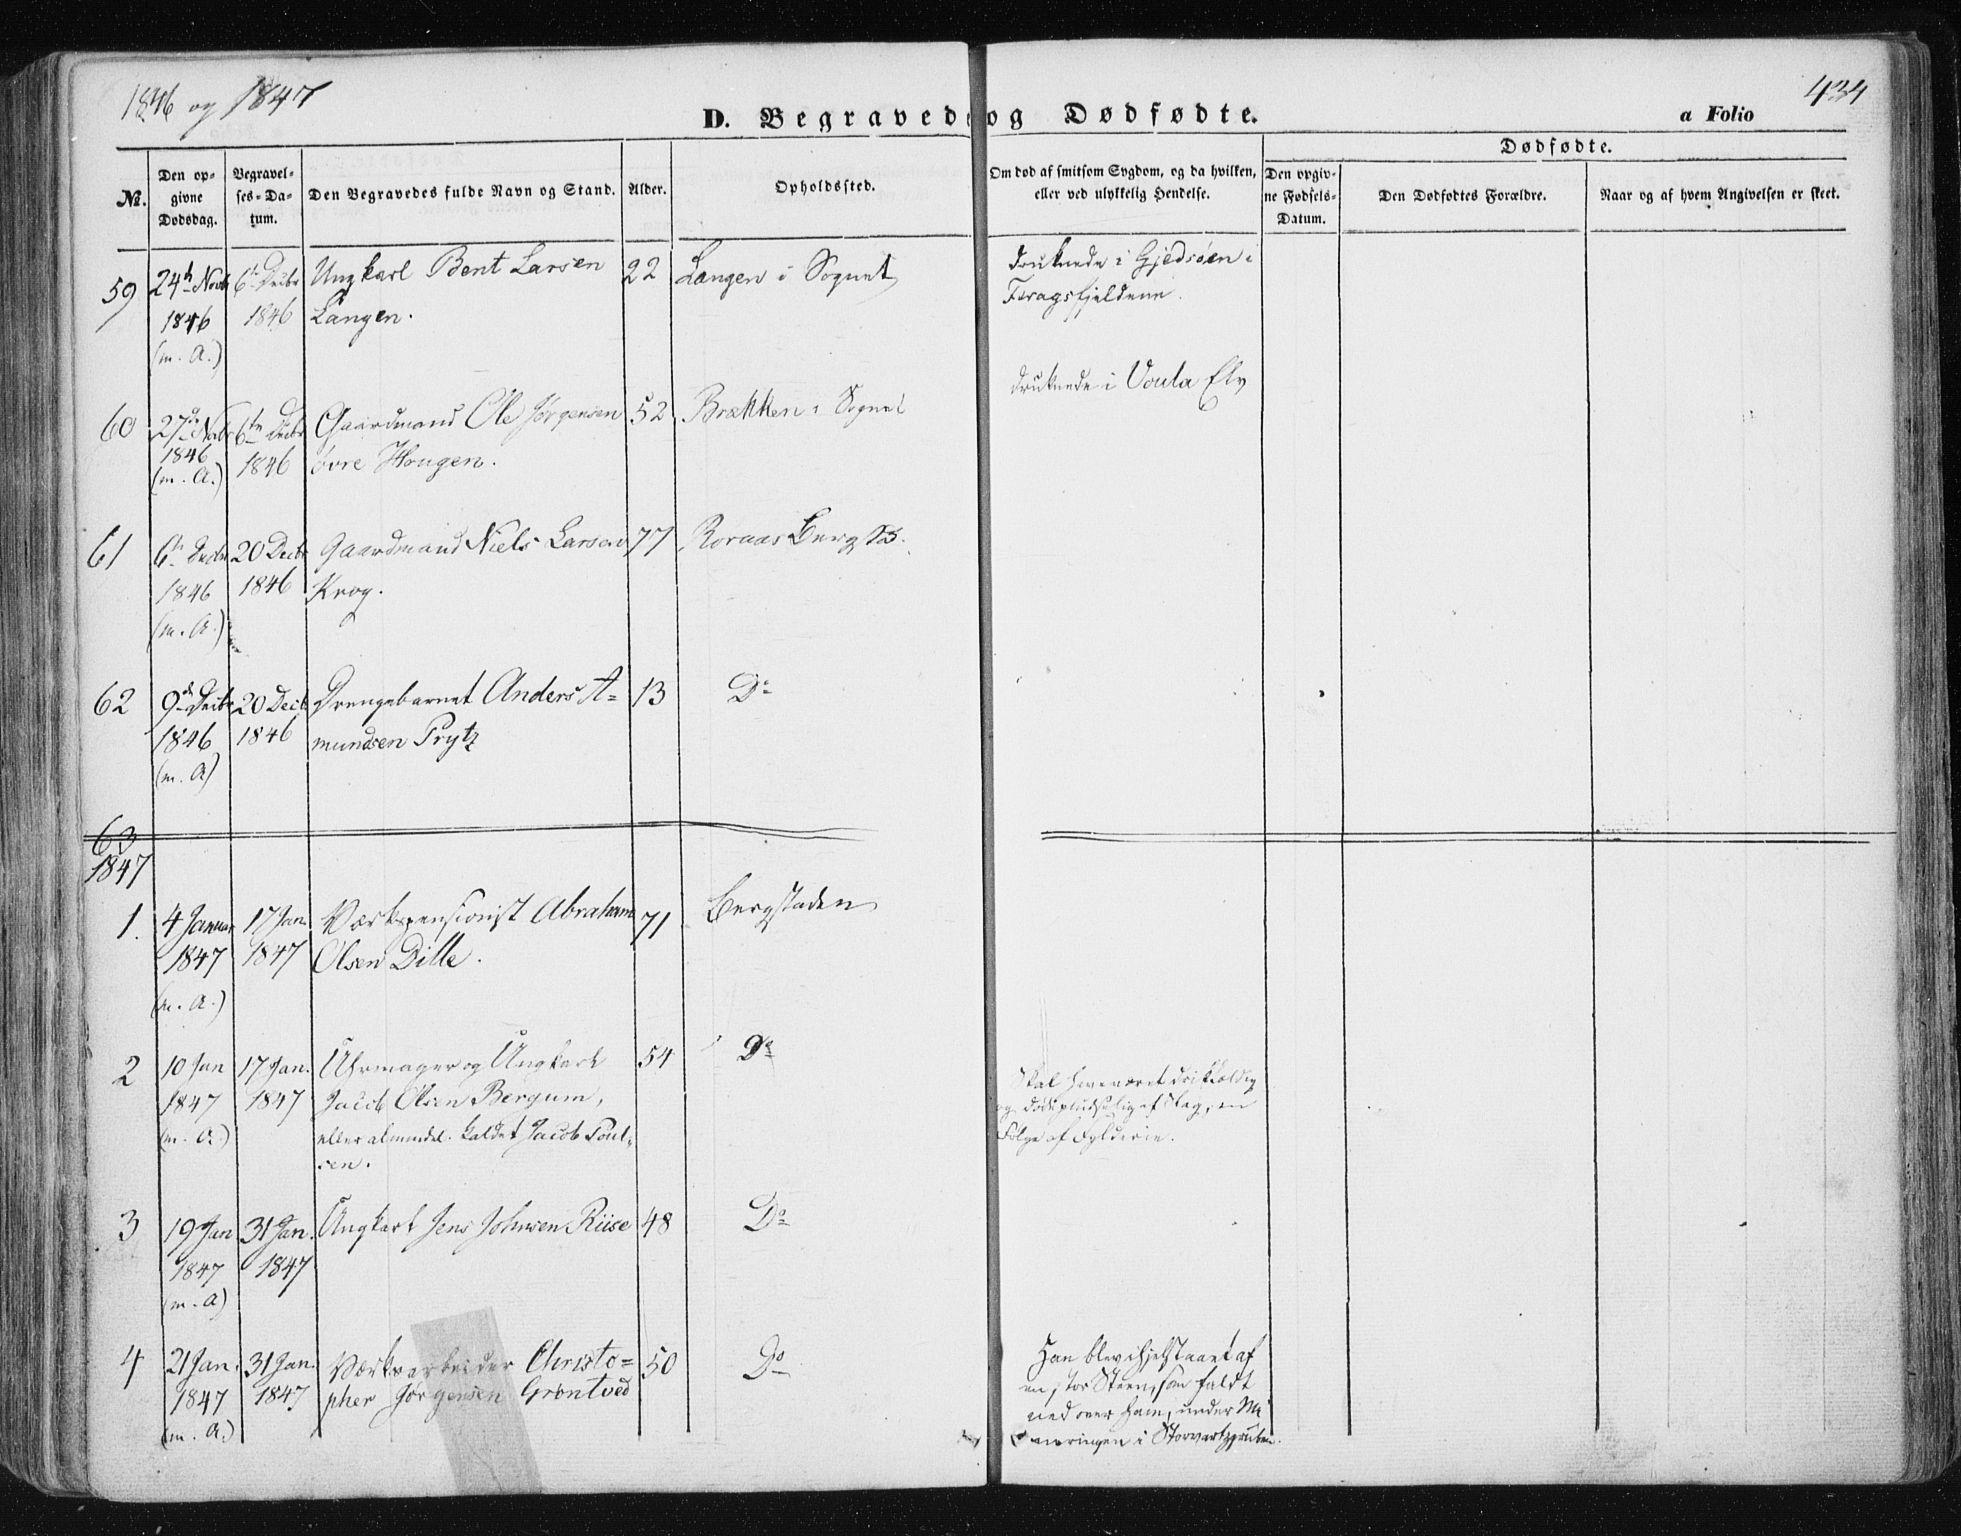 SAT, Ministerialprotokoller, klokkerbøker og fødselsregistre - Sør-Trøndelag, 681/L0931: Ministerialbok nr. 681A09, 1845-1859, s. 434